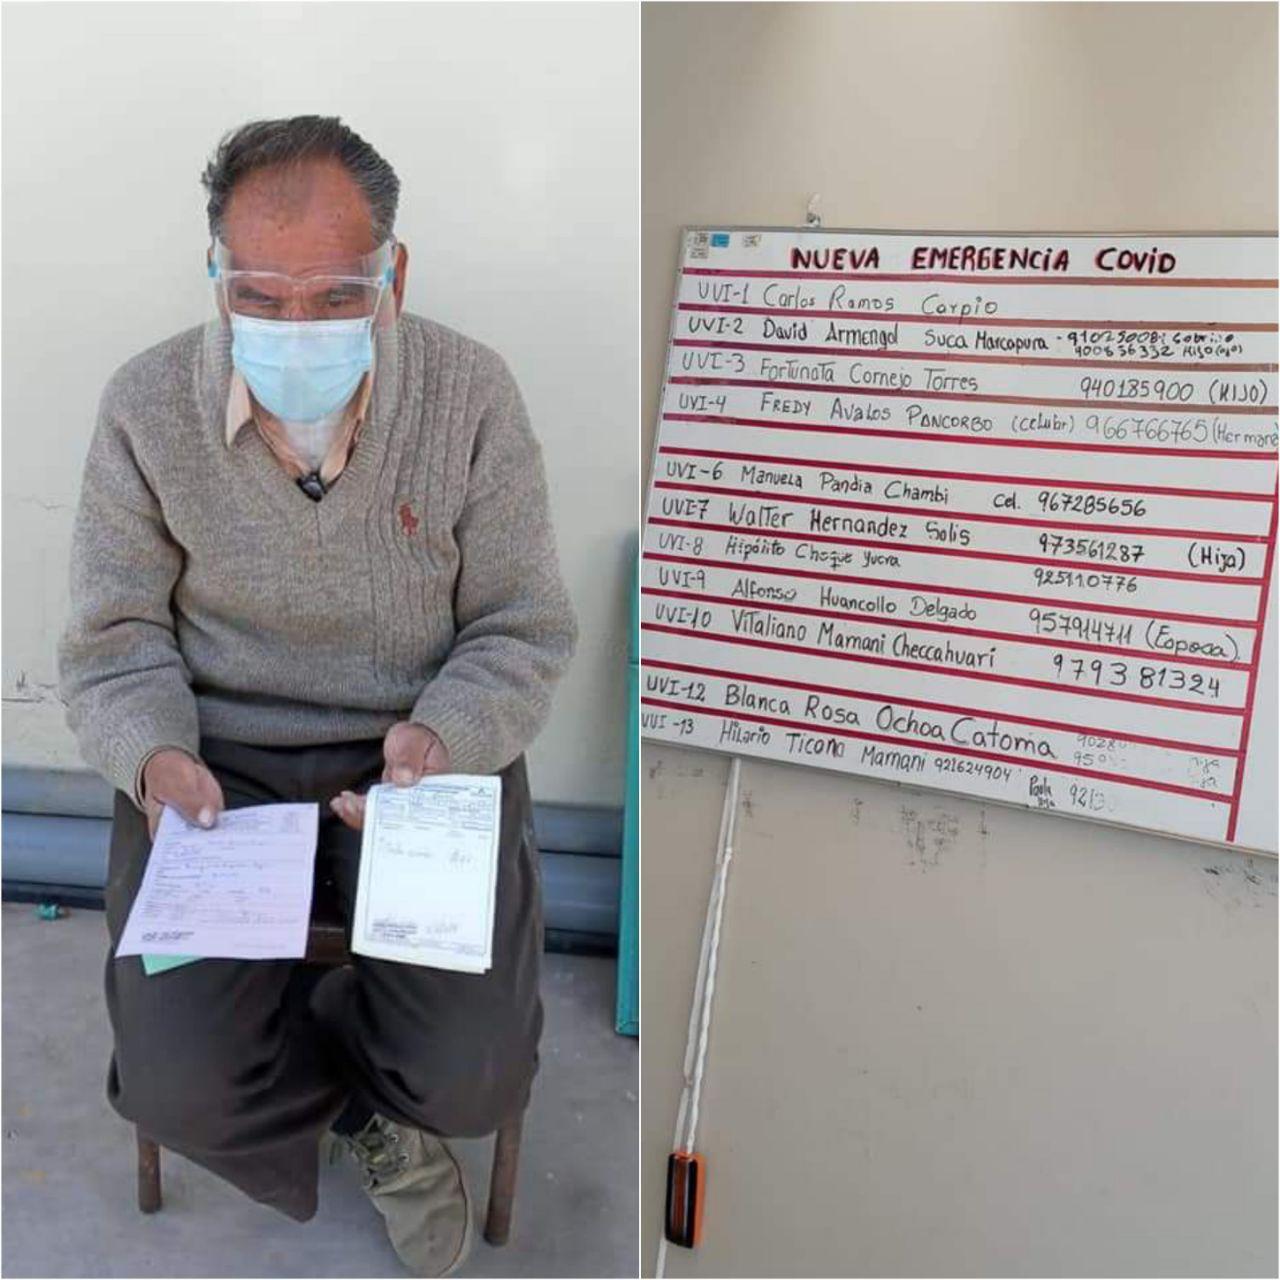 #COMPARTE Abuelito de 89 años necesita apoyo en alimentos y medicinas para él y su único hijo que se encuentra grave con coronavirus